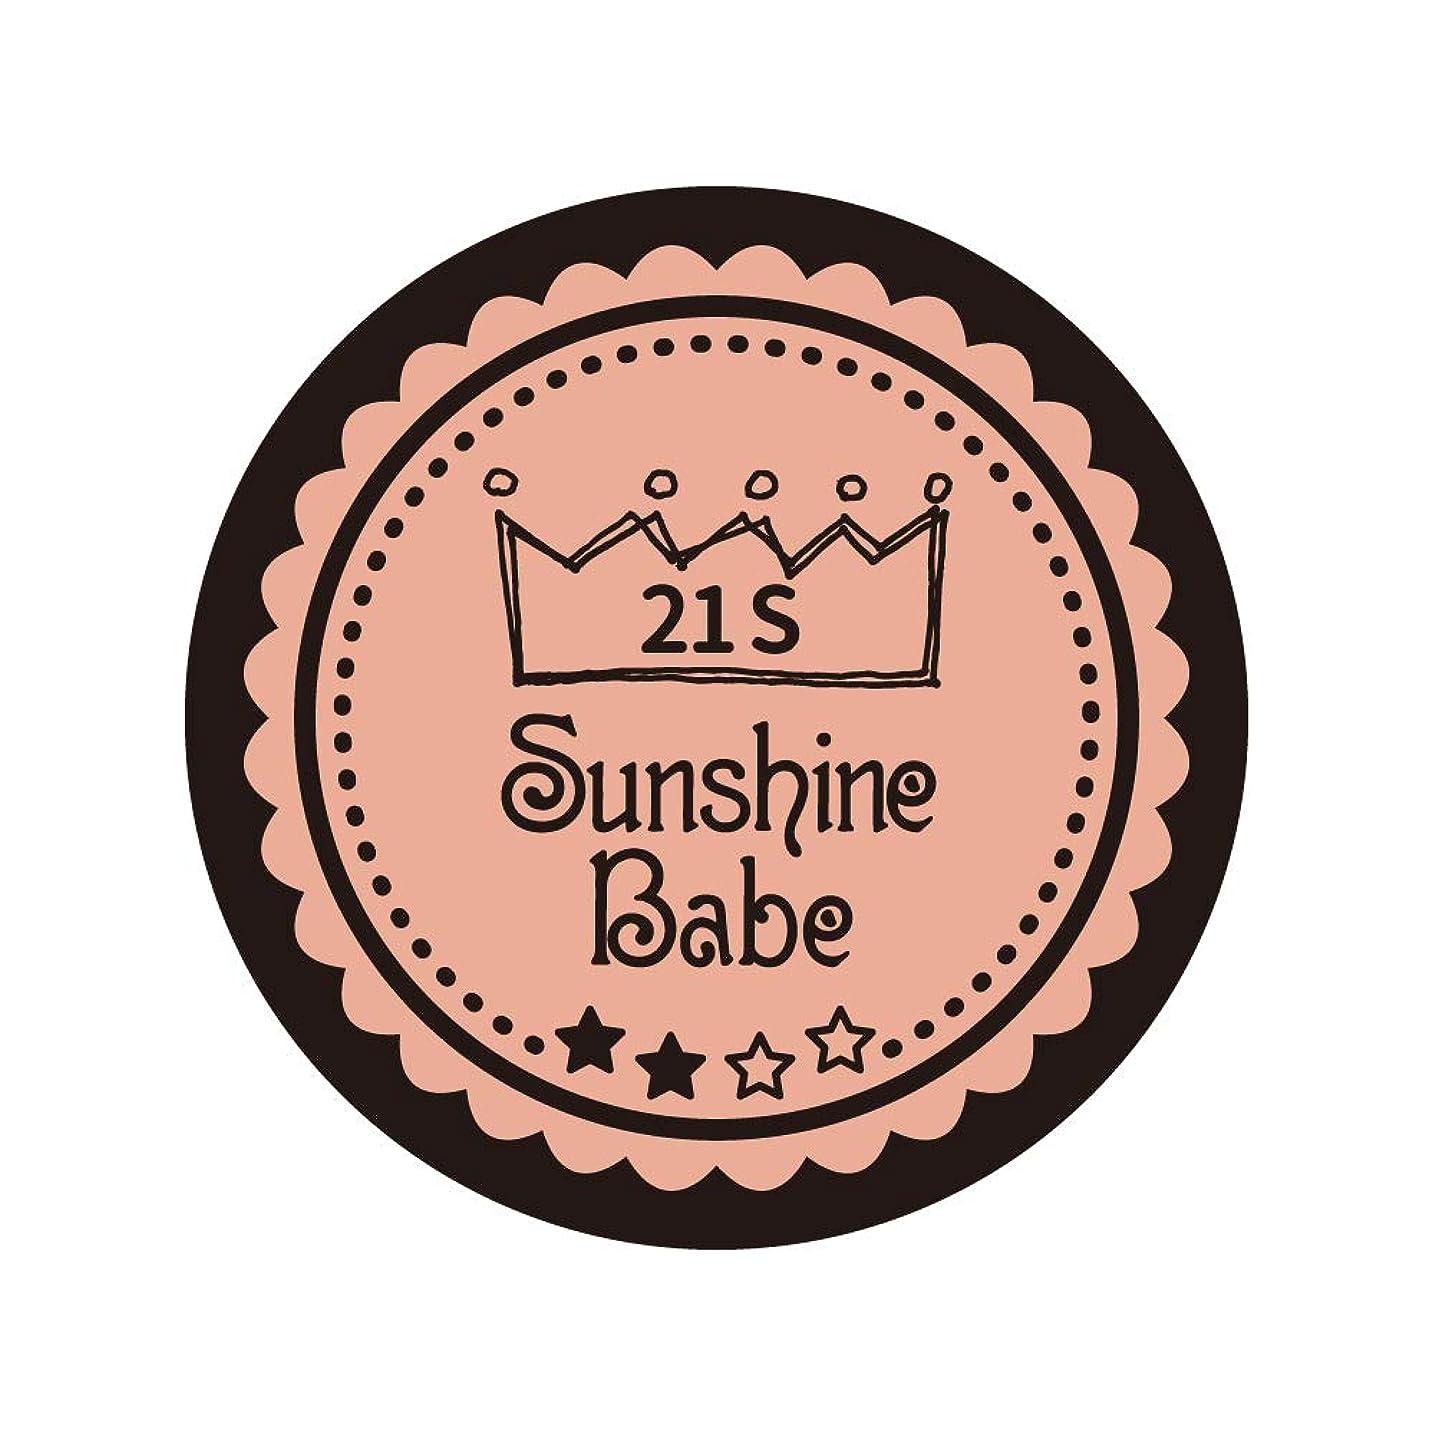 香港アルカイック用心するSunshine Babe コスメティックカラー 21S アロンピンク 4g UV/LED対応